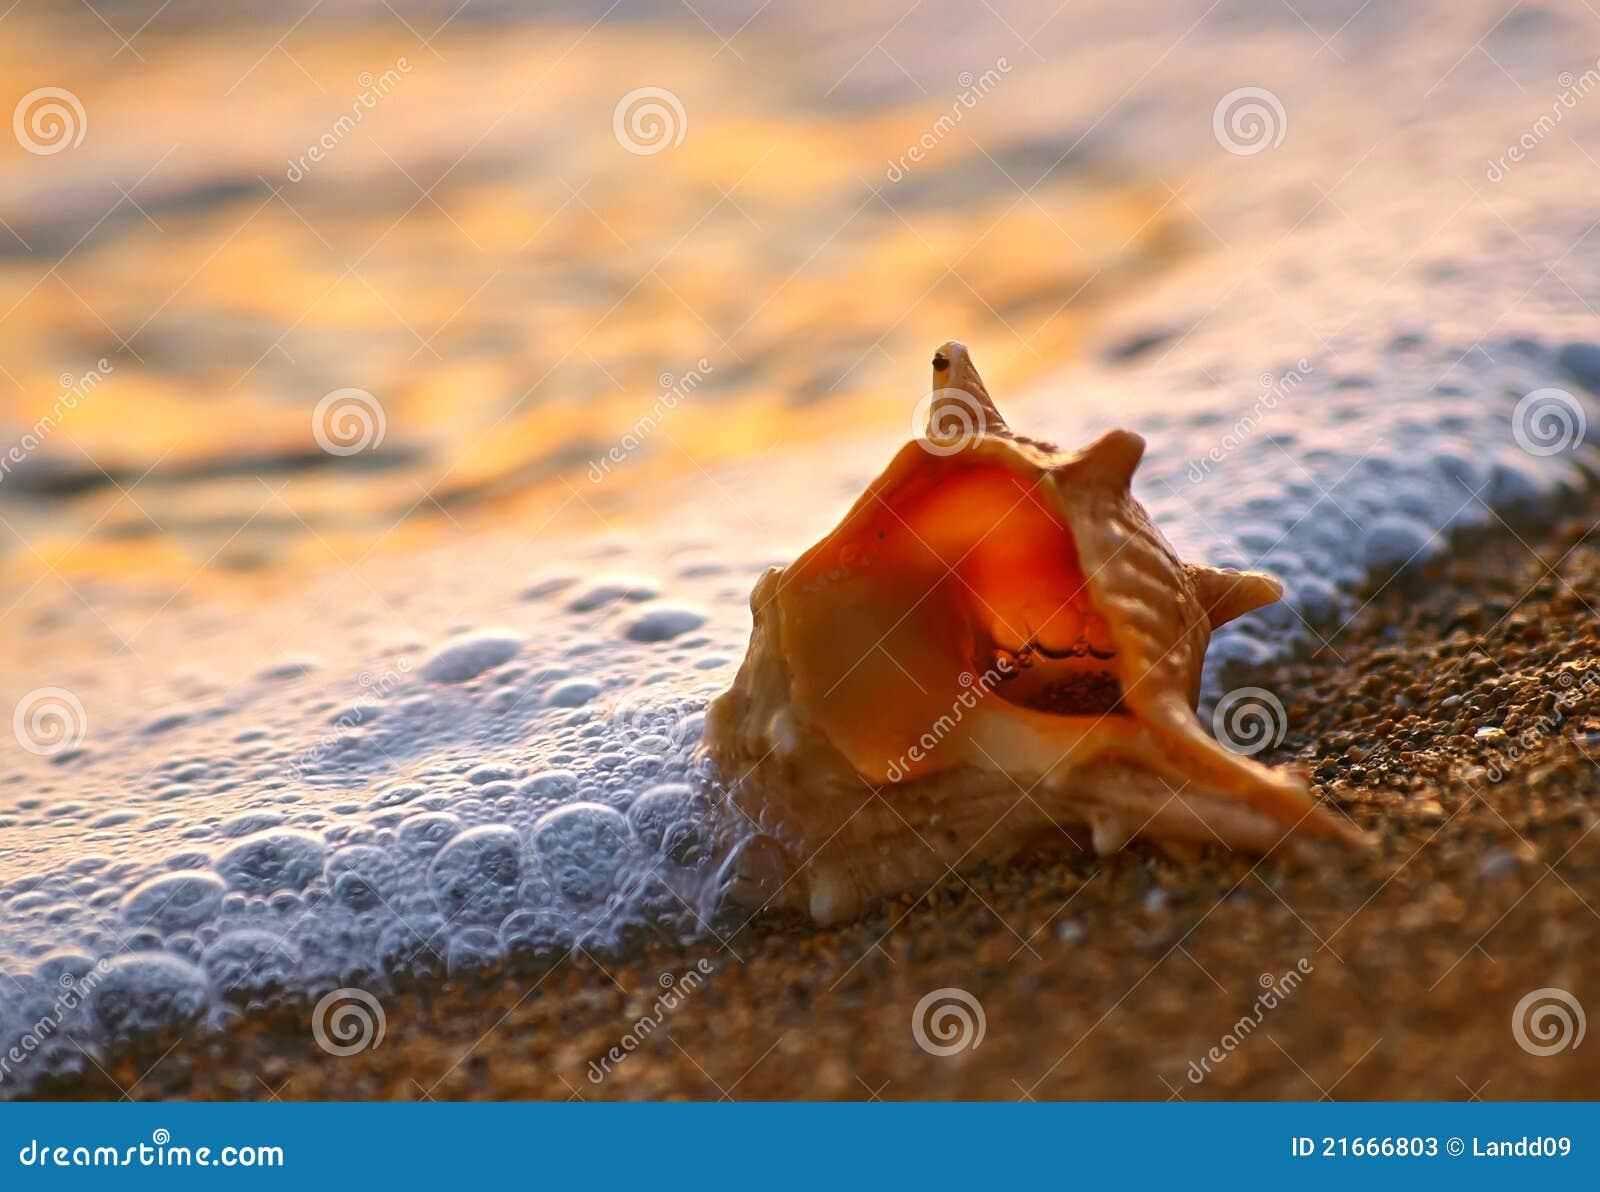 Shell on sand beach